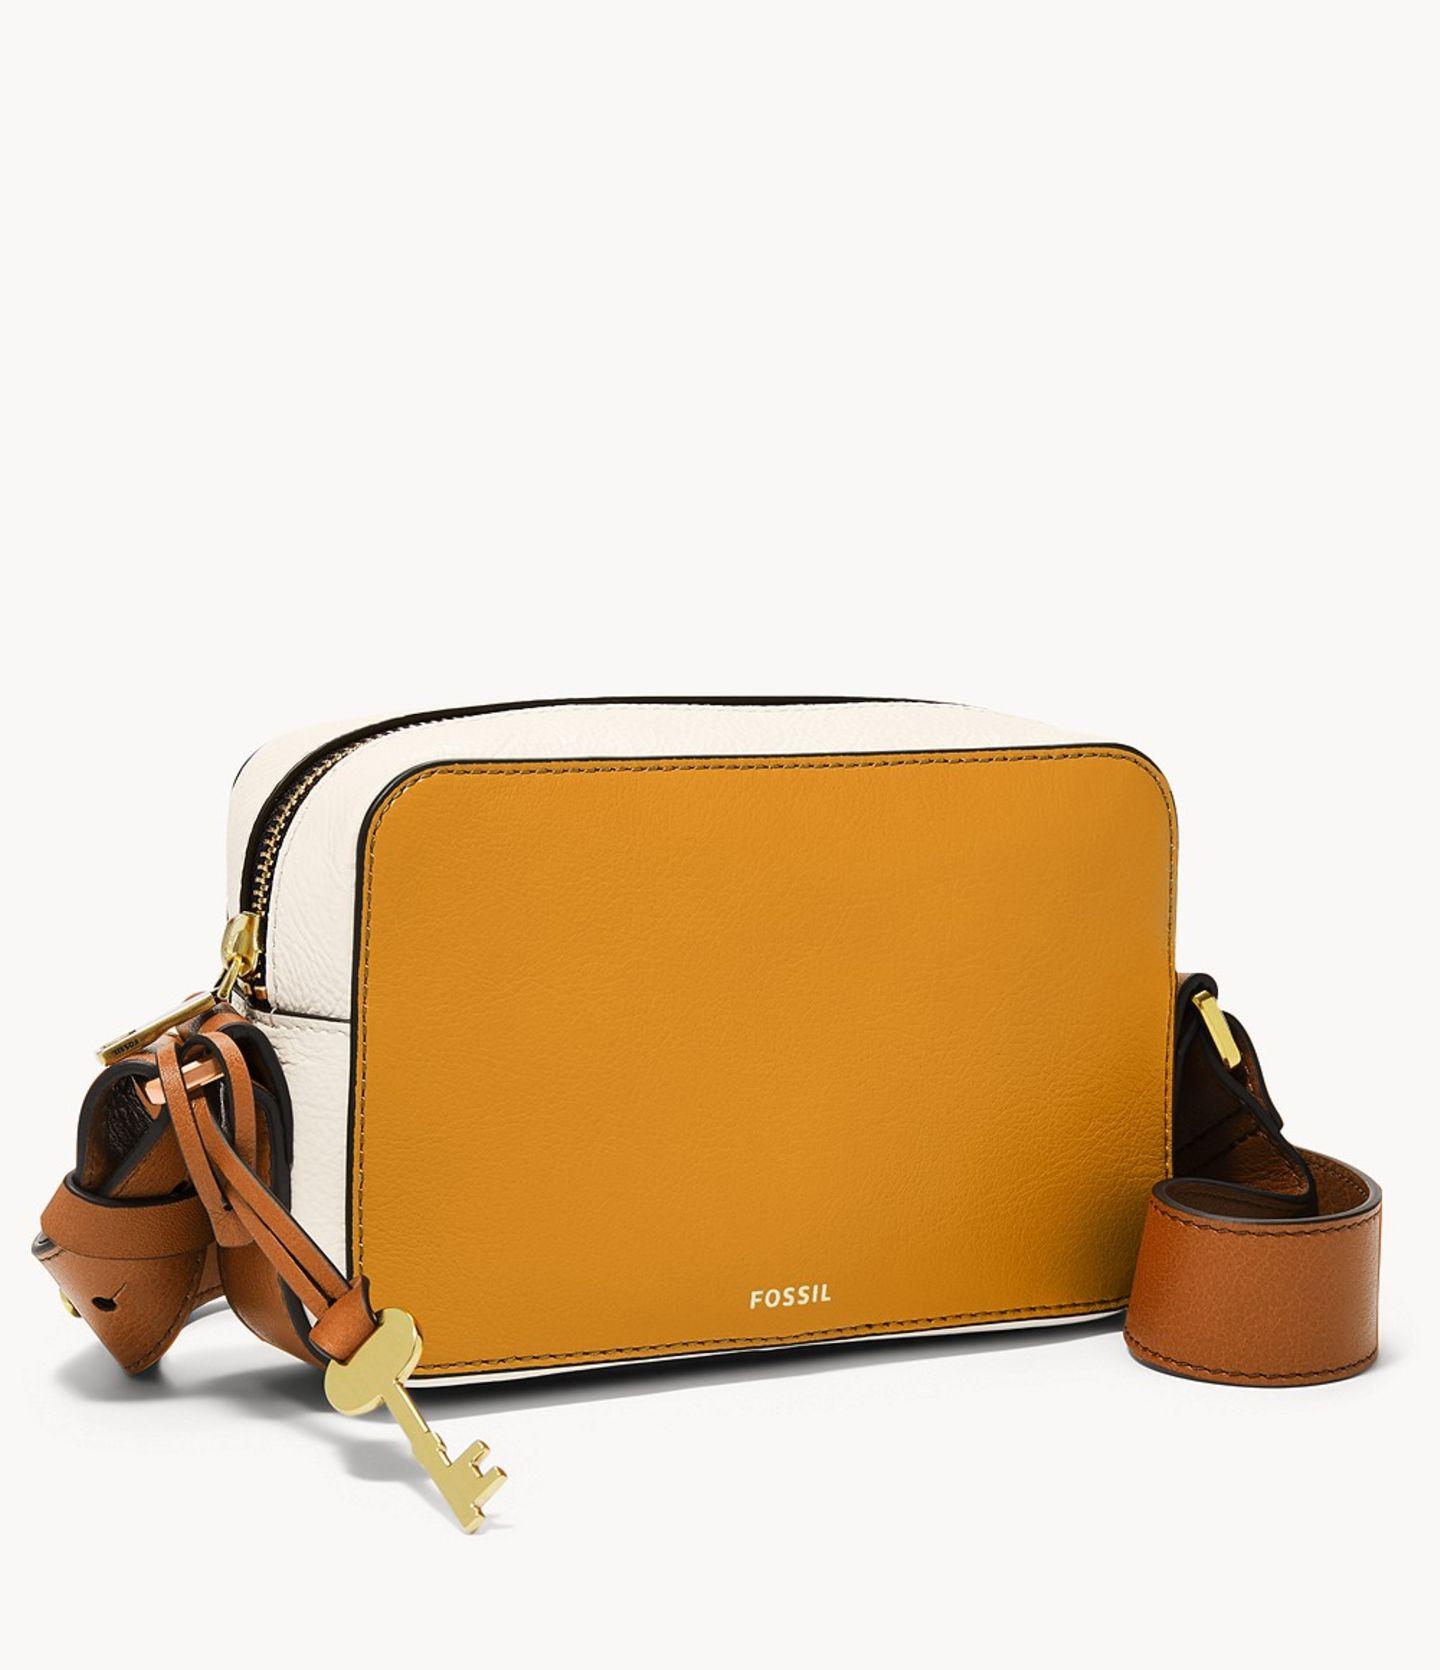 Nur weil etwas praktisch ist, heißt es noch lange nicht, dass es deswegen weniger stylisch ist. Diese coole Camerabag mit breitem Strap beweist ja wohl das Gegenteil. Von Fossil, reduziert auf 42 Euro.